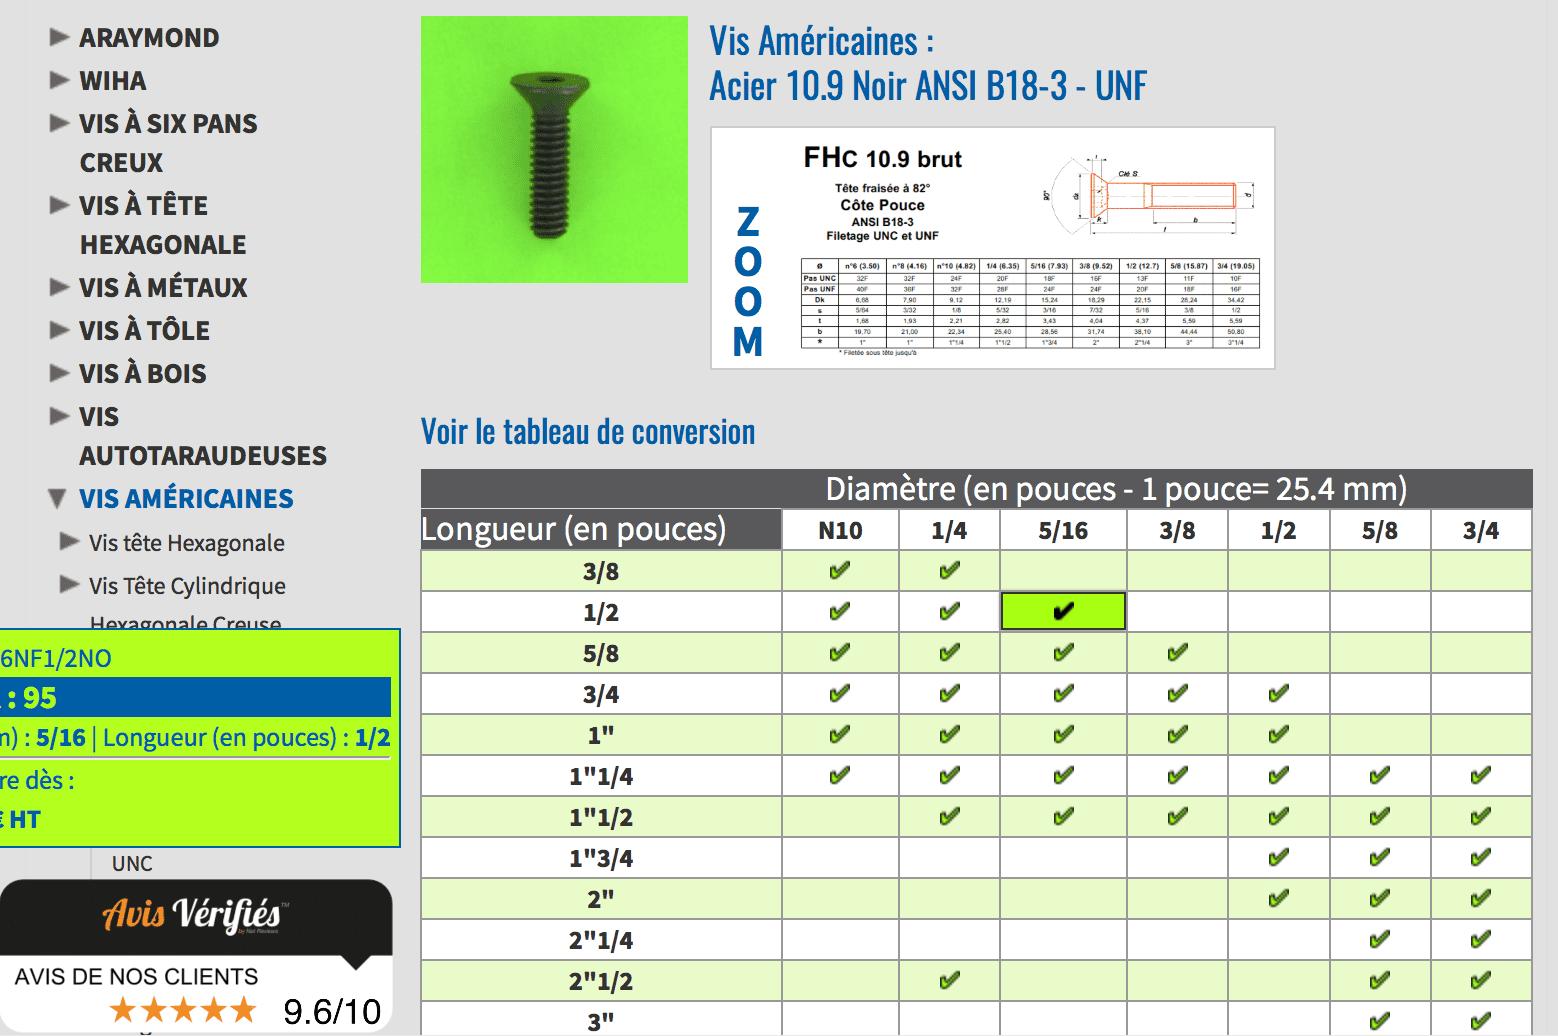 Capture d'écran 2017-10-05 à 14.37.17.png